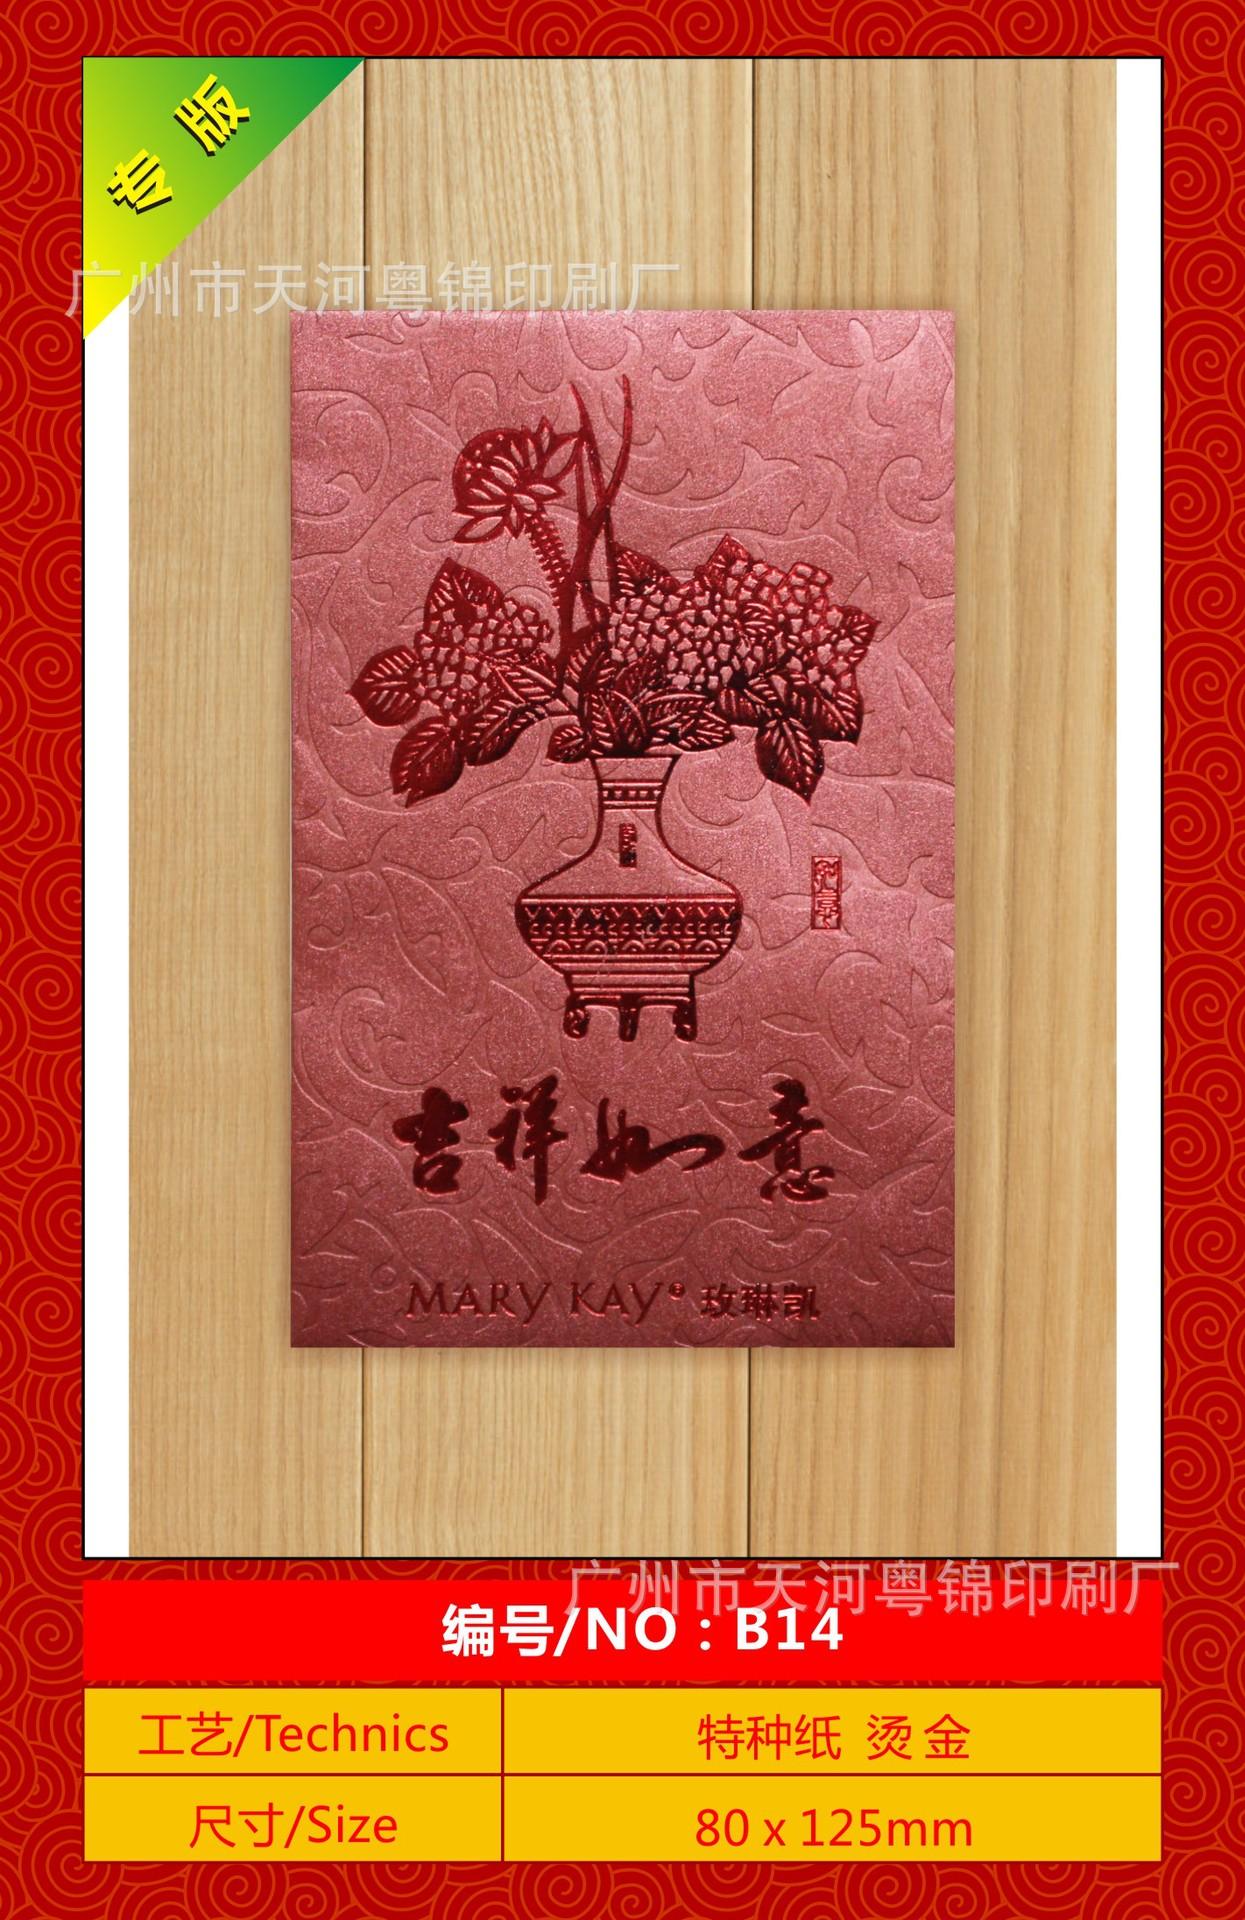 【小号】专版红包利是封样板图片NO:B14